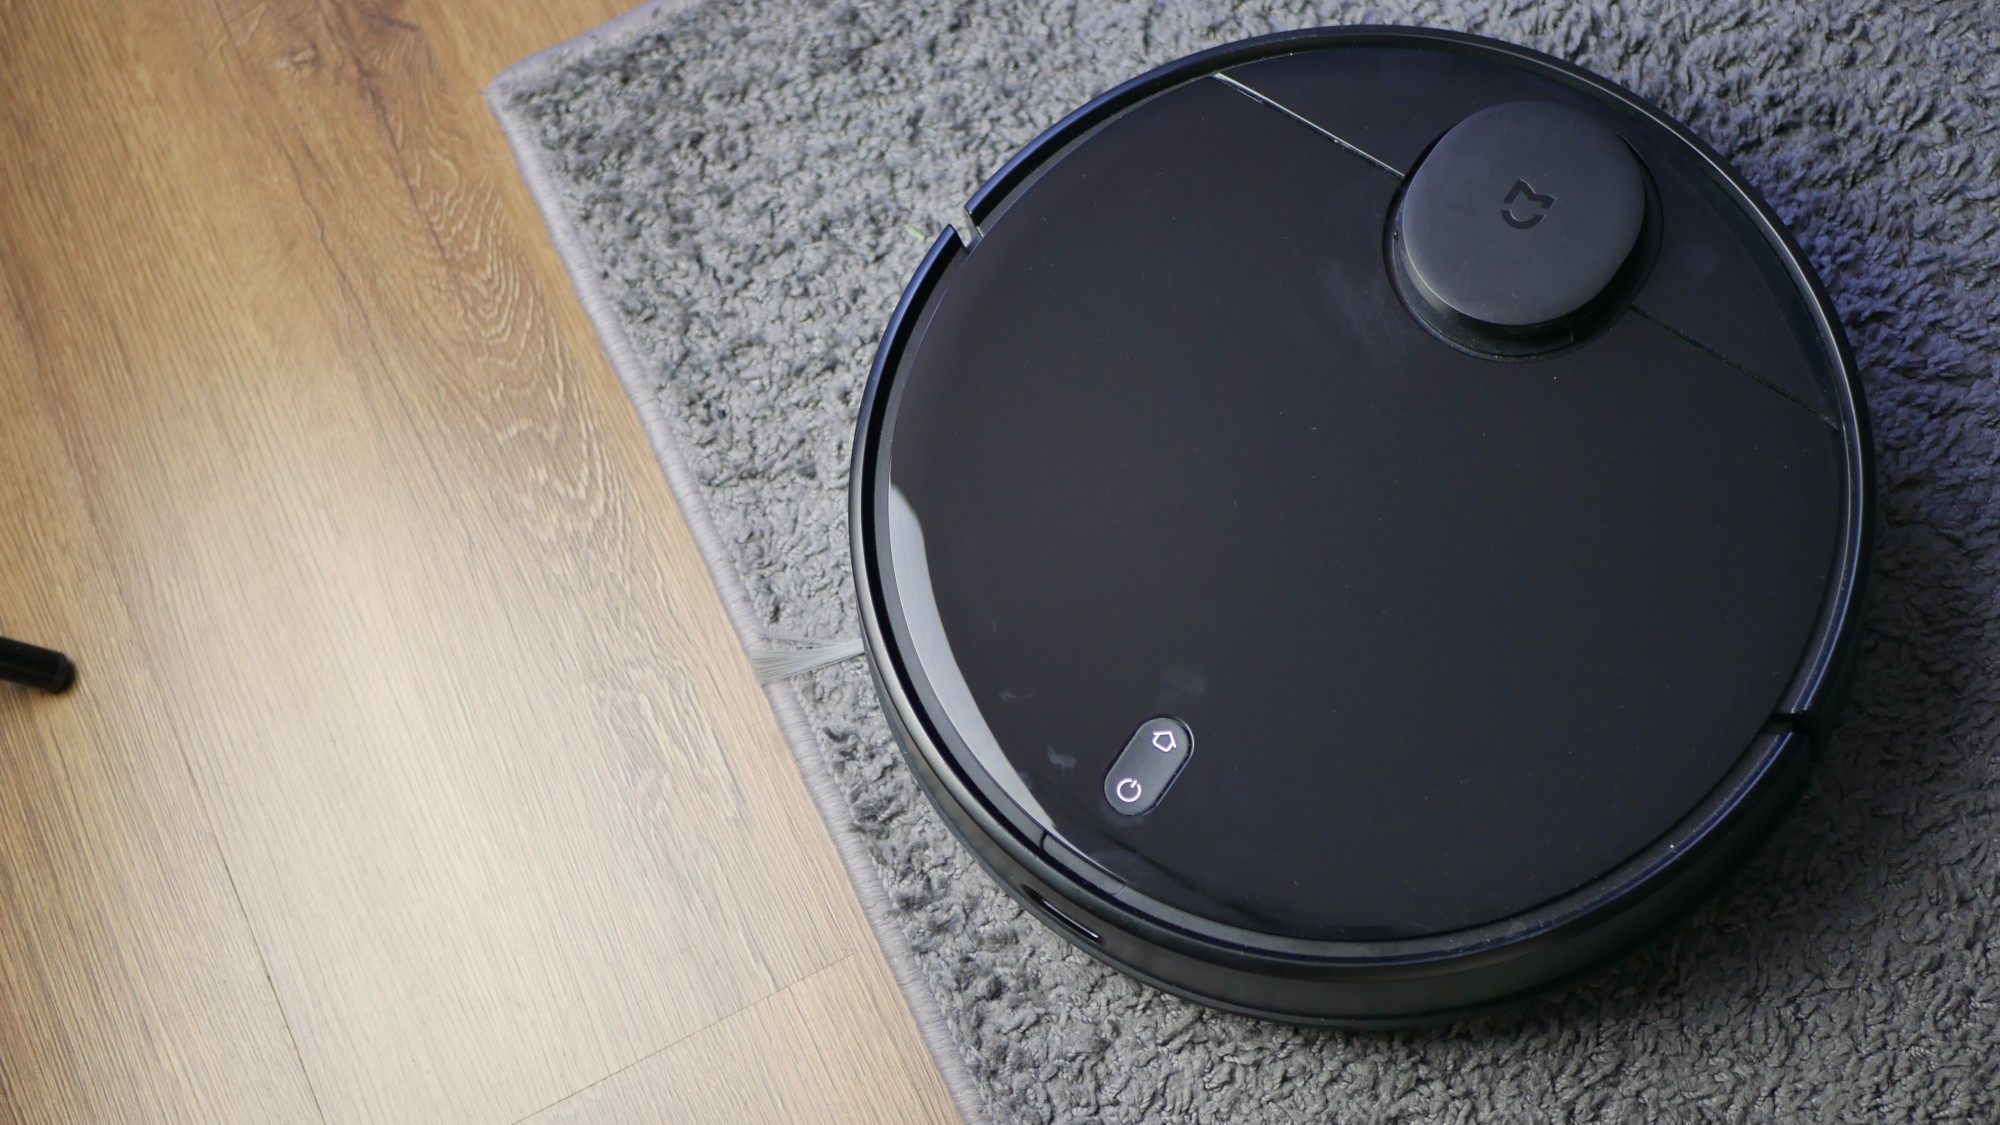 Xiaomi Mi Robot Vacuum Mop Pro / fot. Kacper Żarski